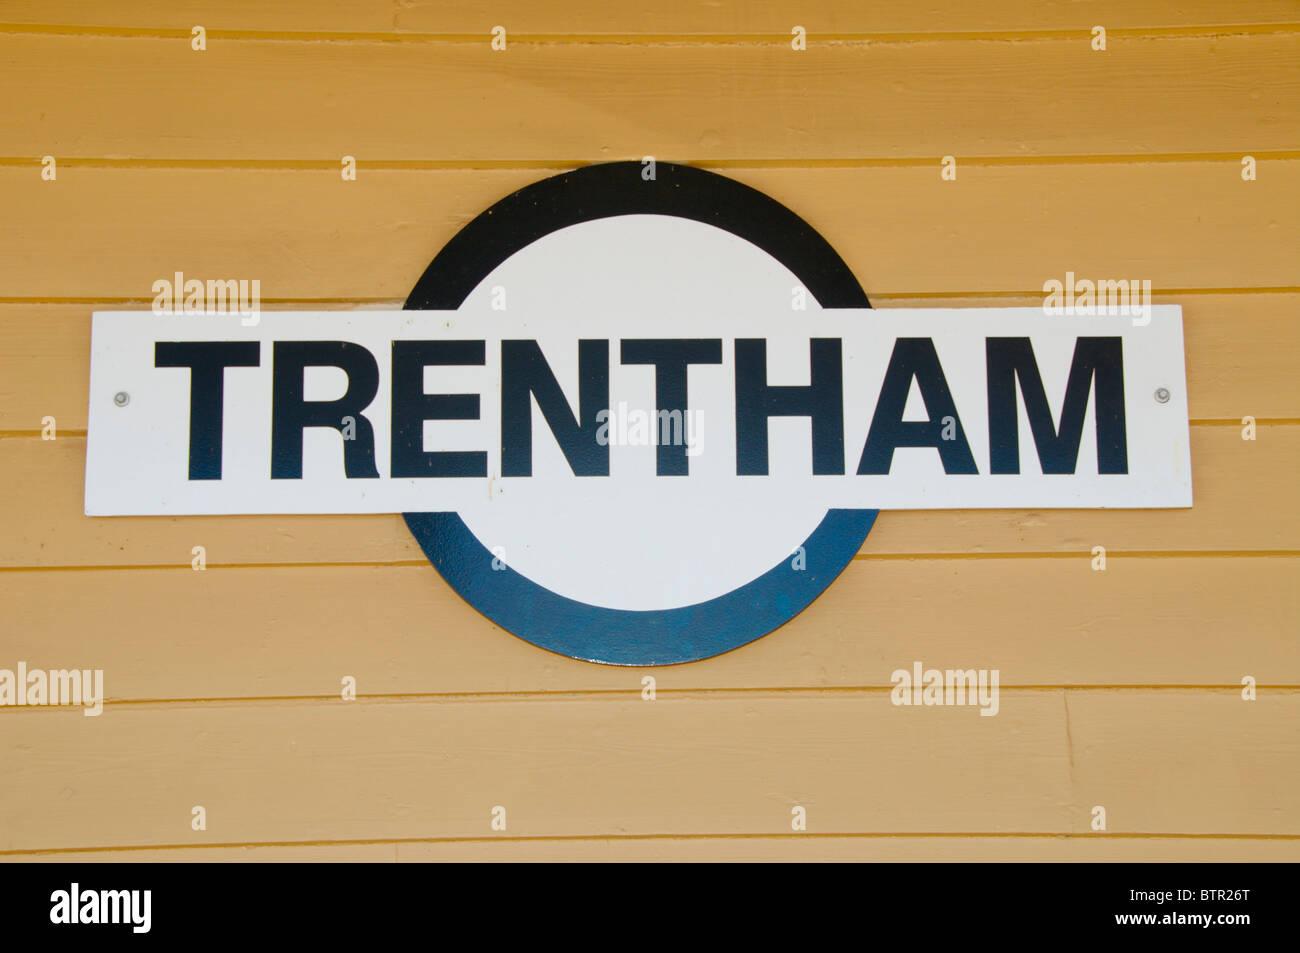 Australien, zentrale Victoria, Trentham Bahnhof Zeichen Stockbild